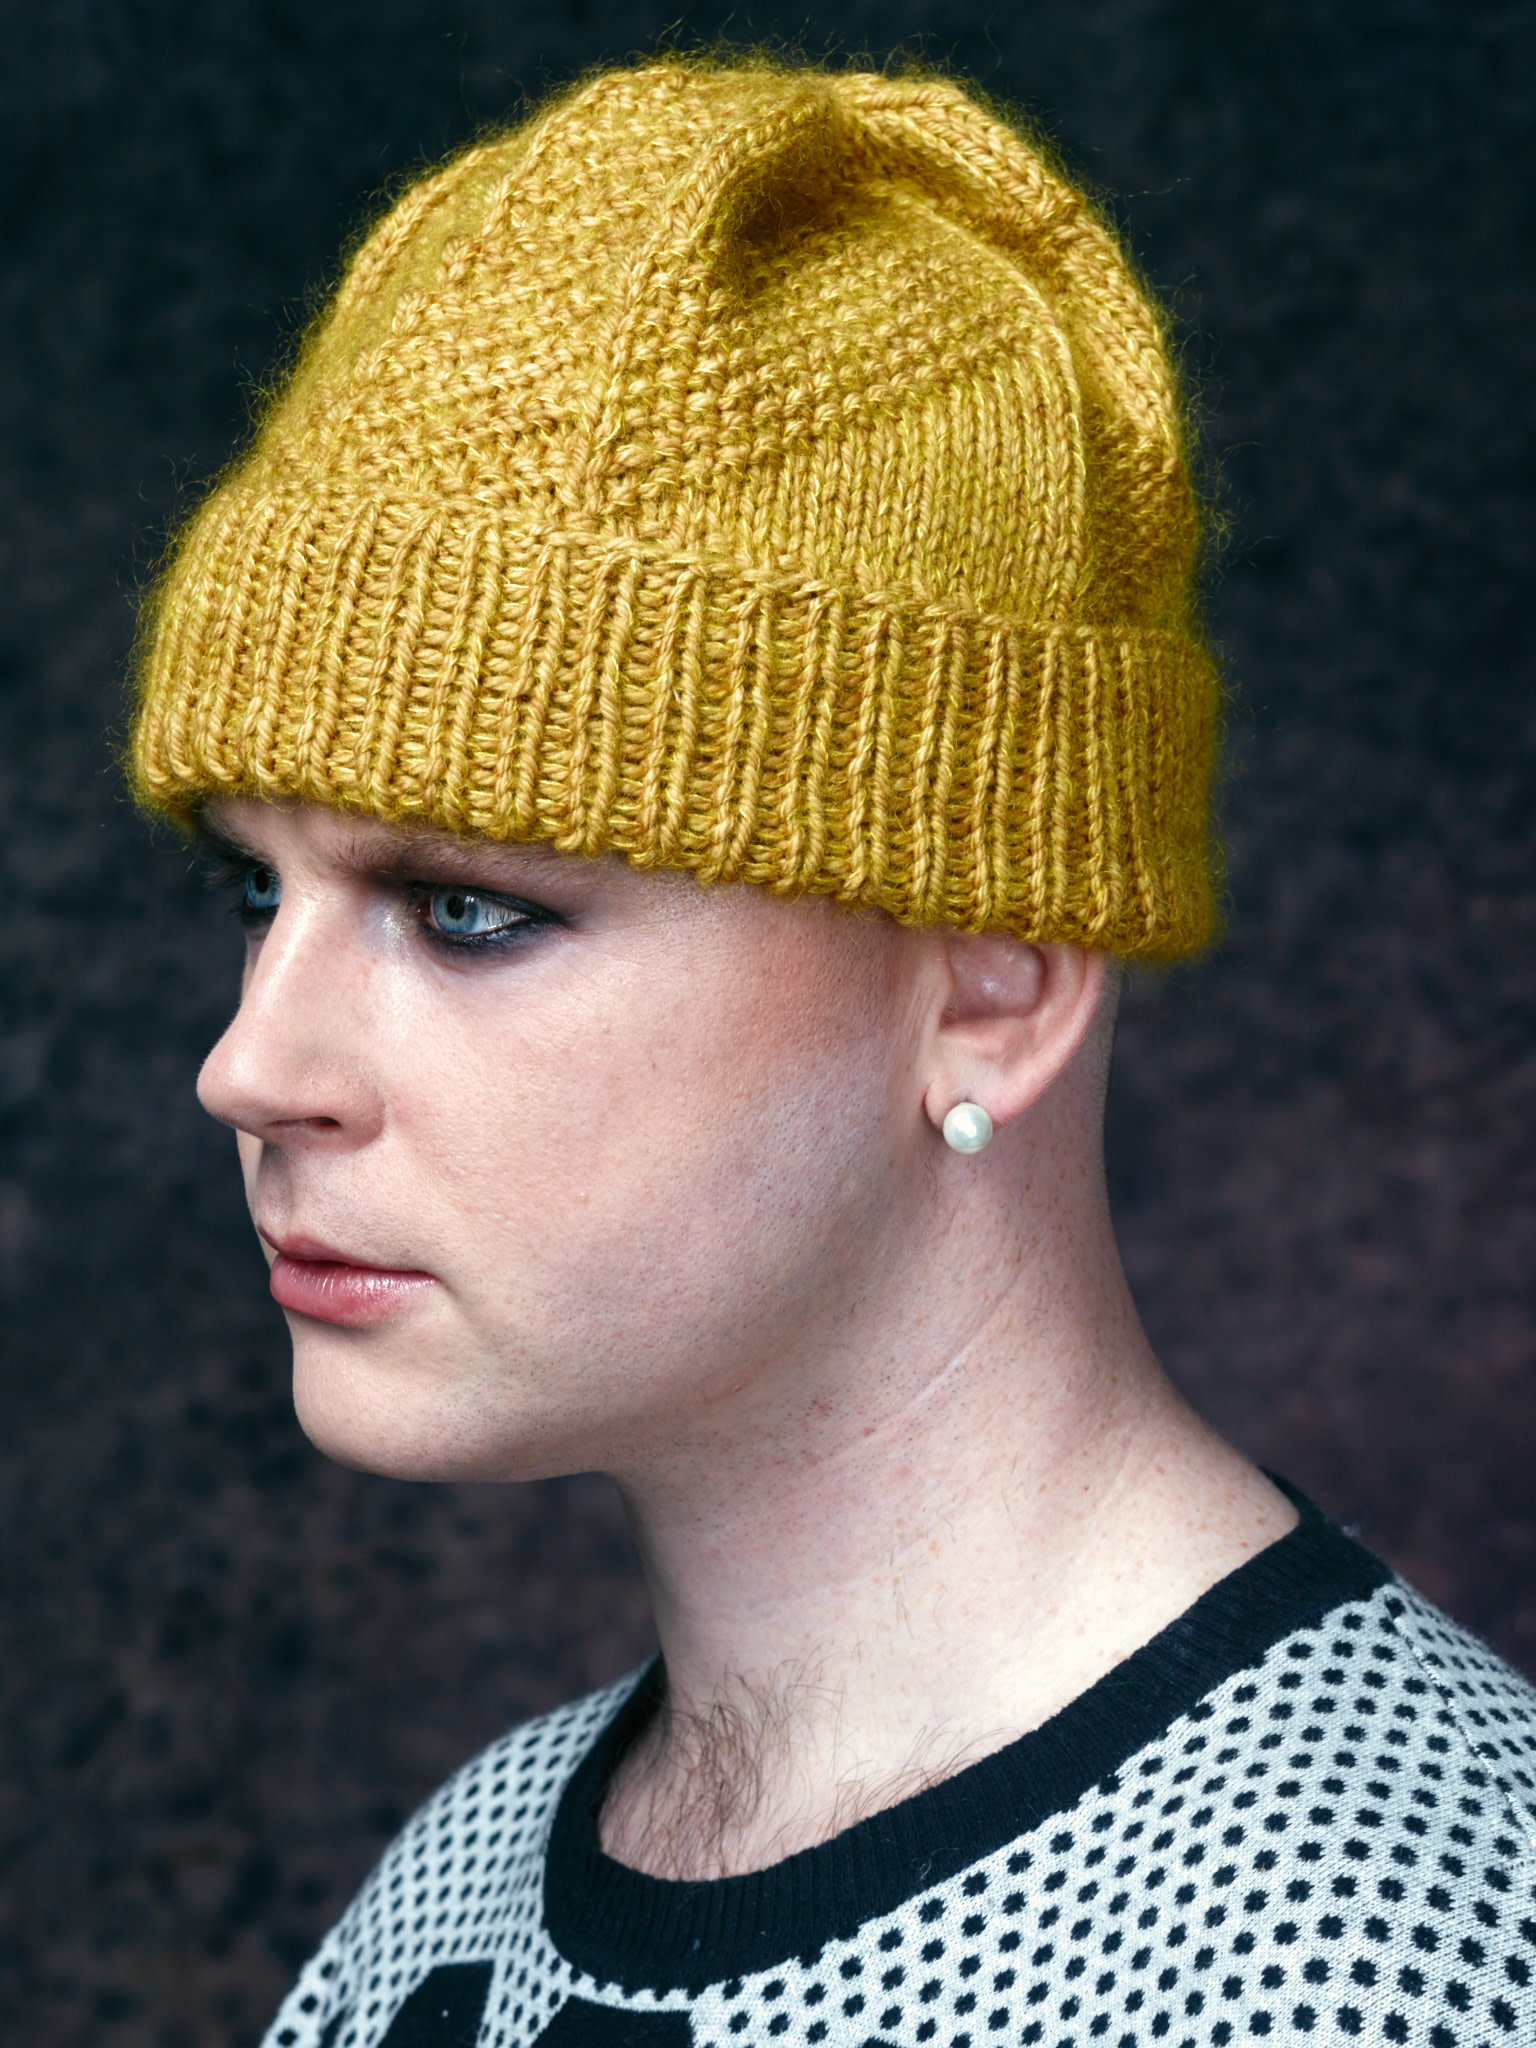 Westknits WK HIBERKNITTING HAT - KIT ROSWITHA